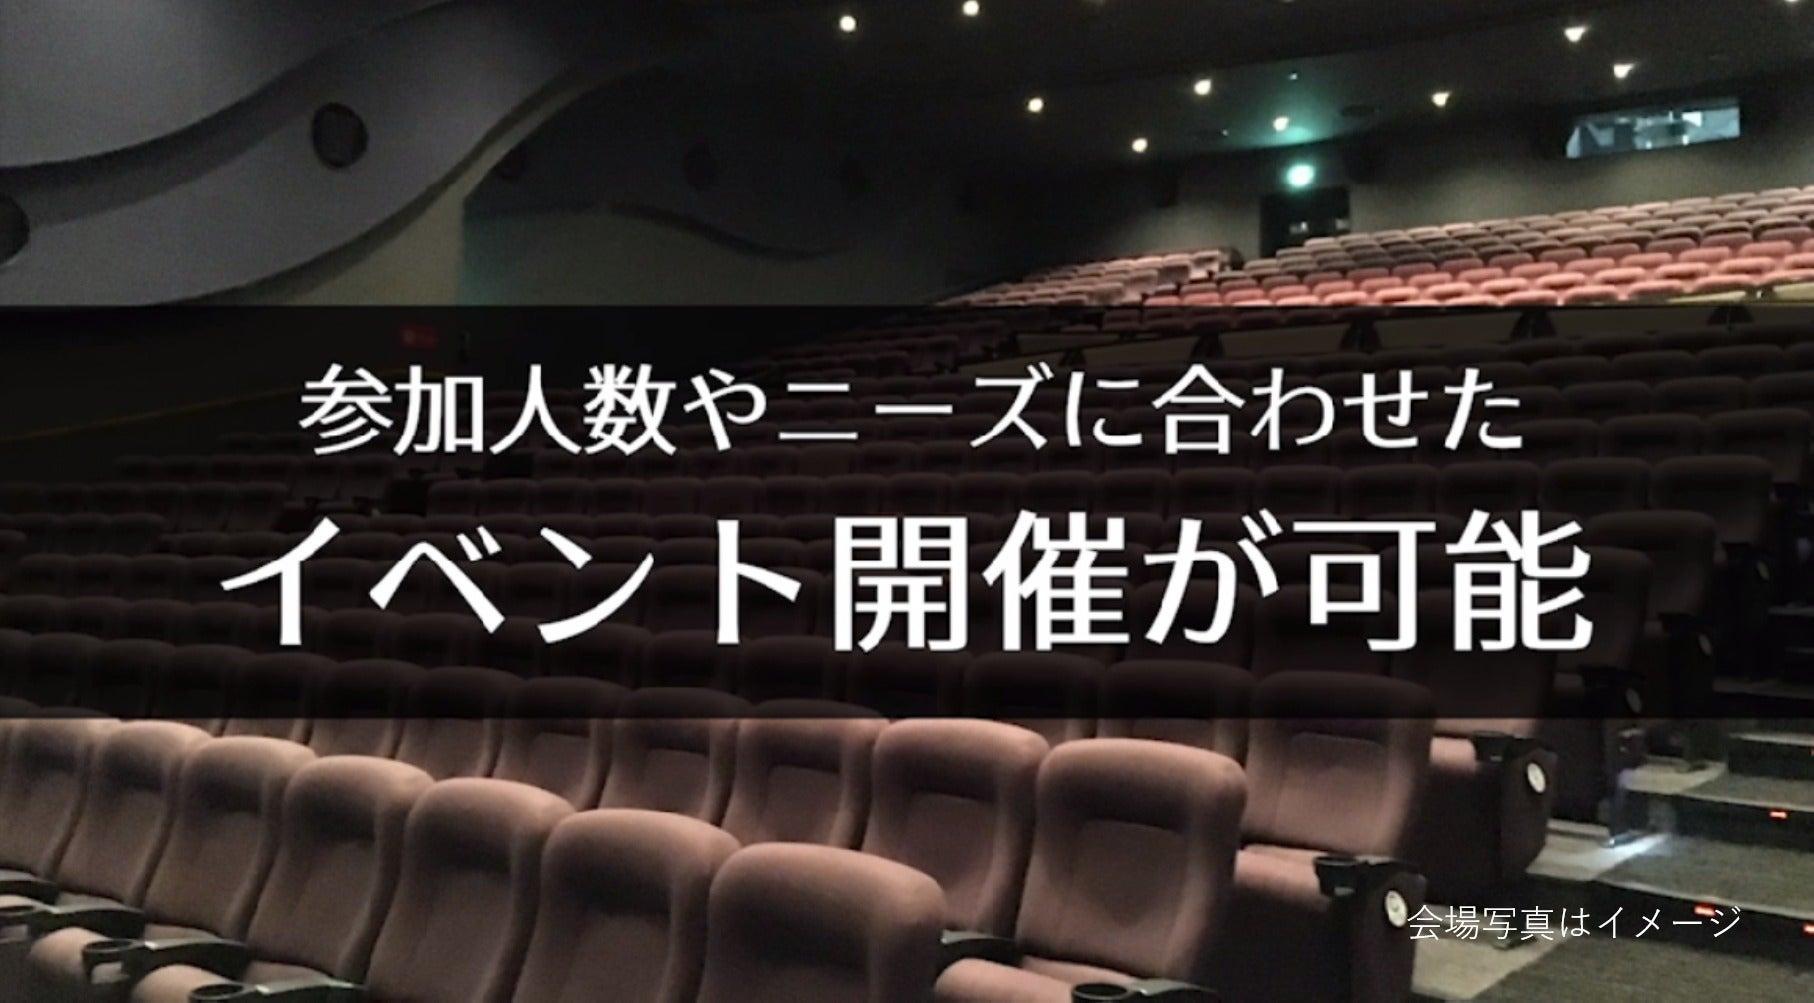 【幕張 424席】映画館で、会社説明会、株主総会、講演会の企画はいかがですか?(シネプレックス幕張) の写真0